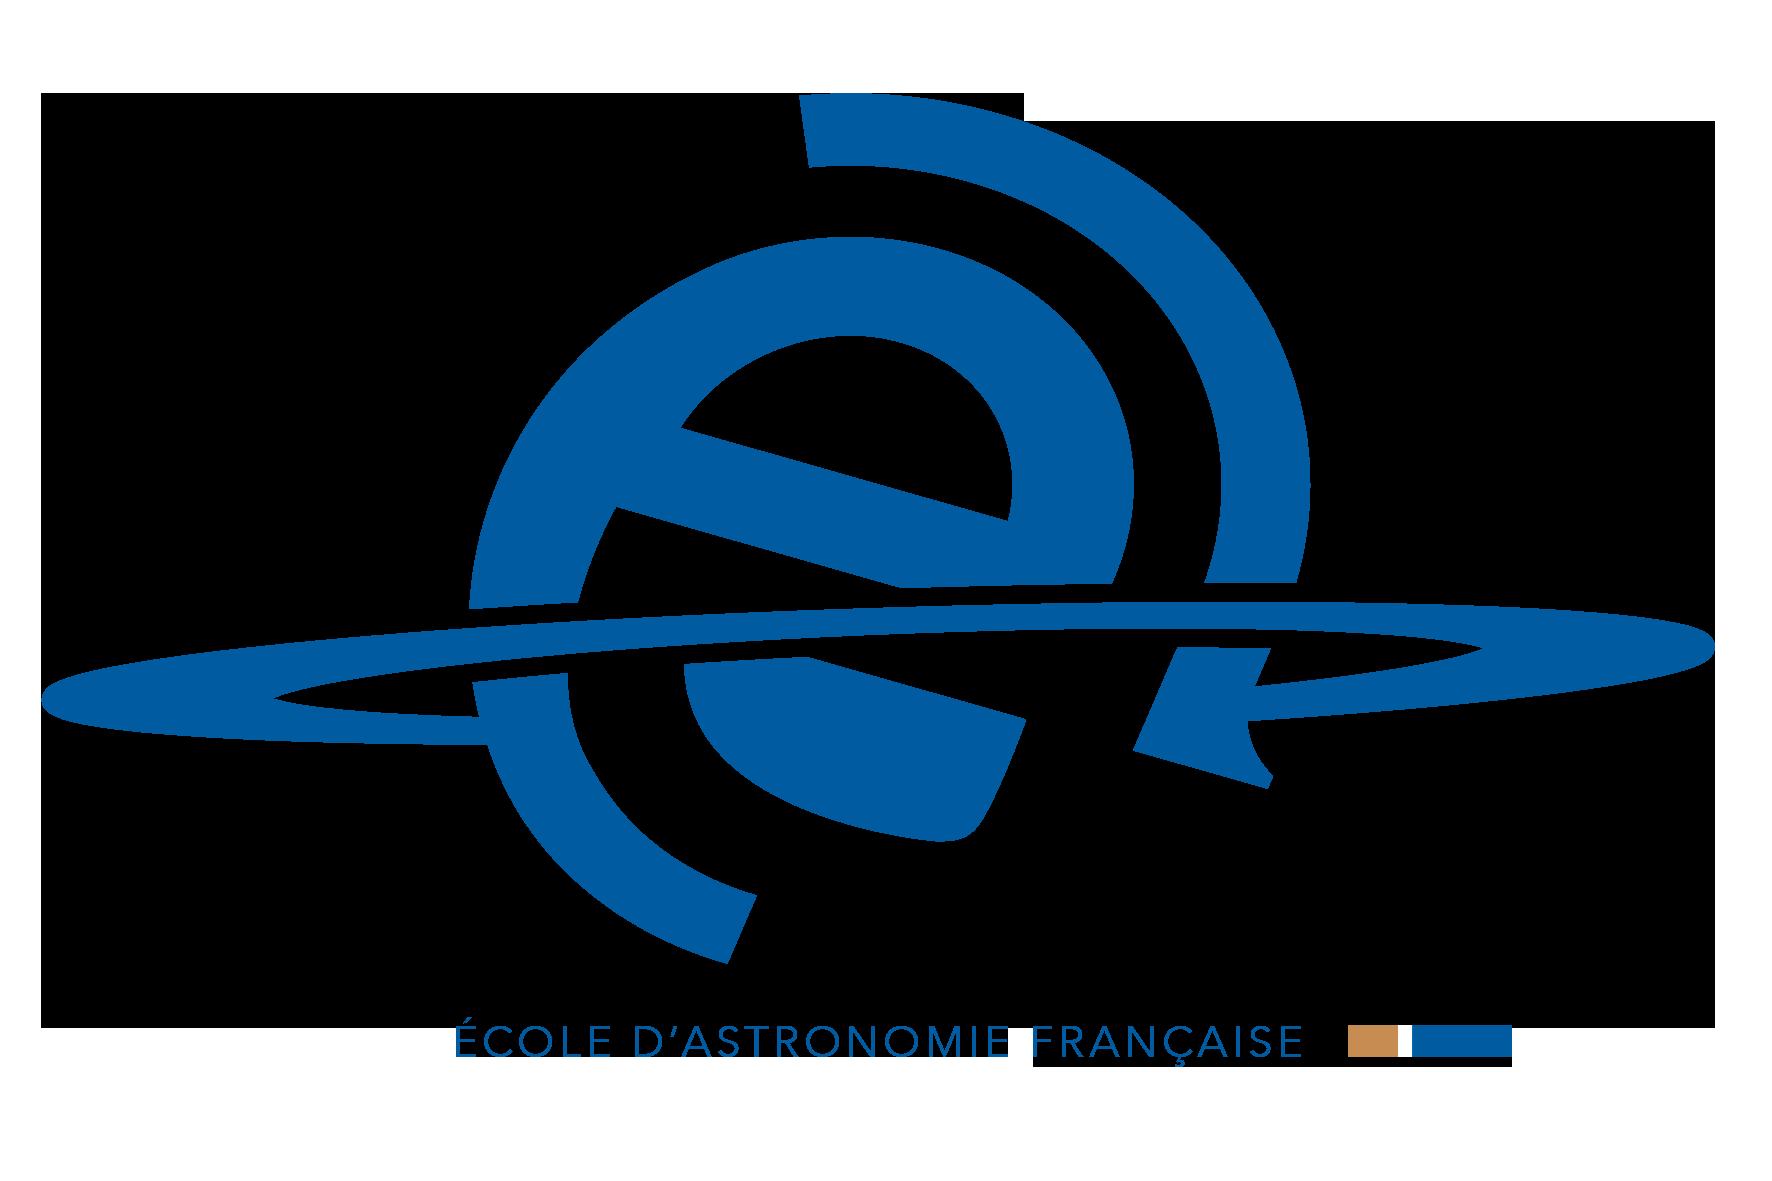 ecole d astronomie